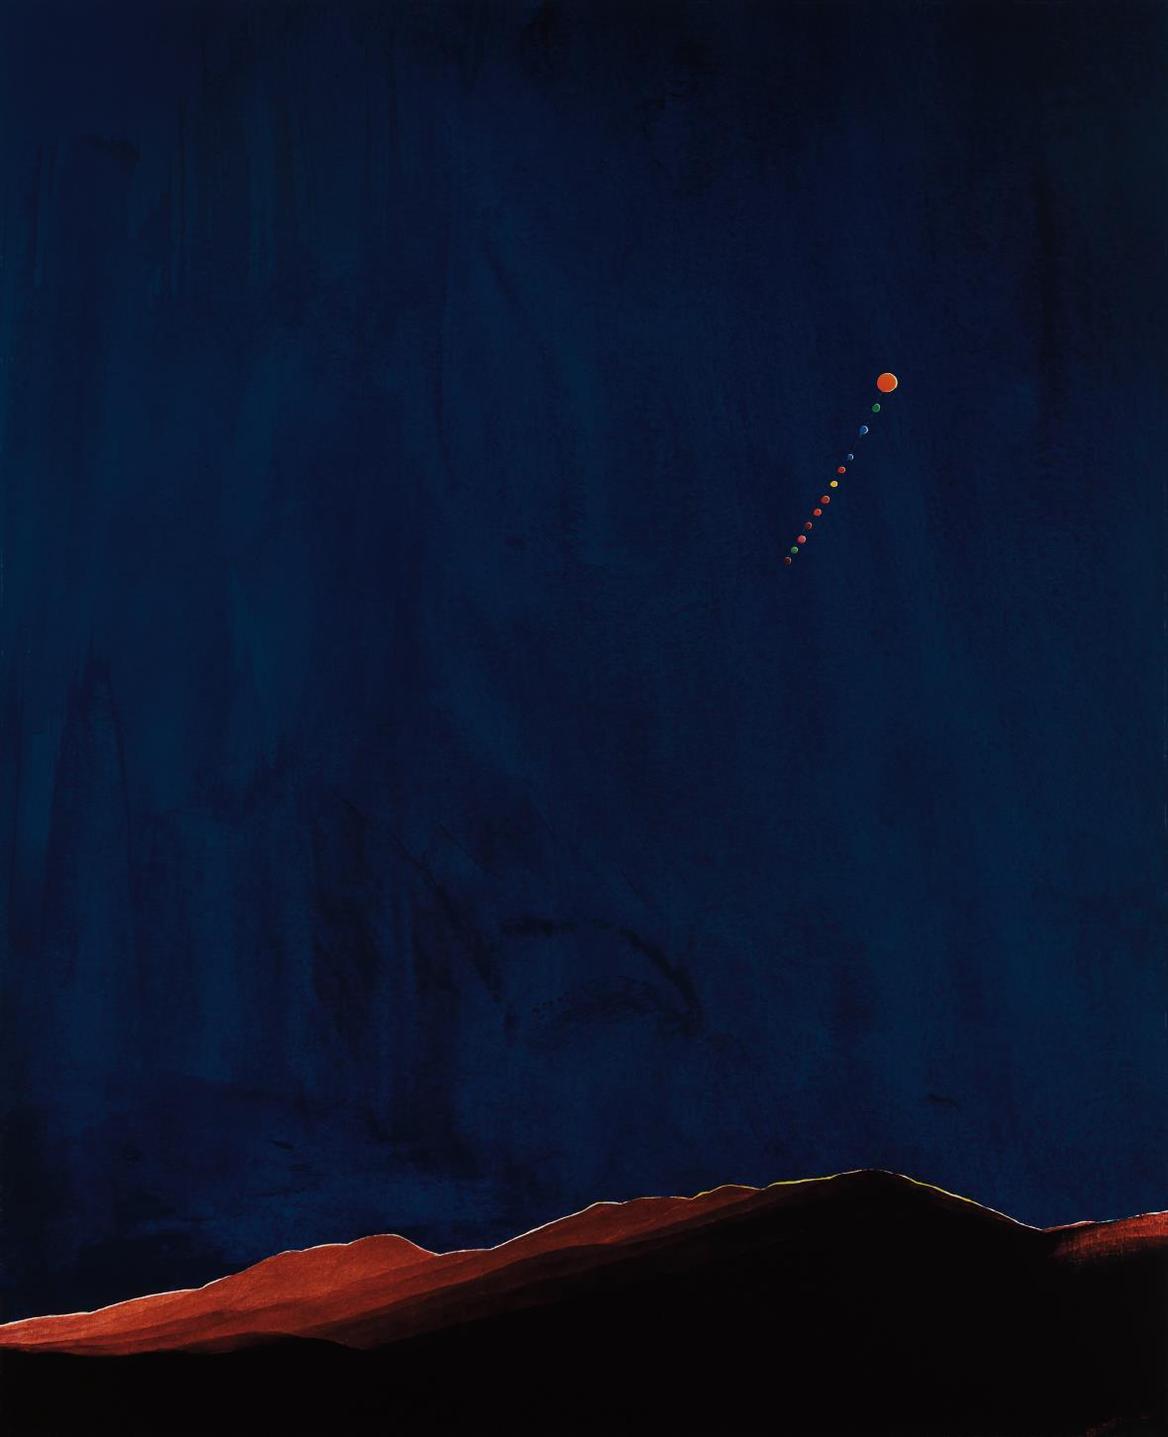 Florian Maier-Aichen-Nacht Im Riesengebirge (Night In The Riesengebirge)-2011